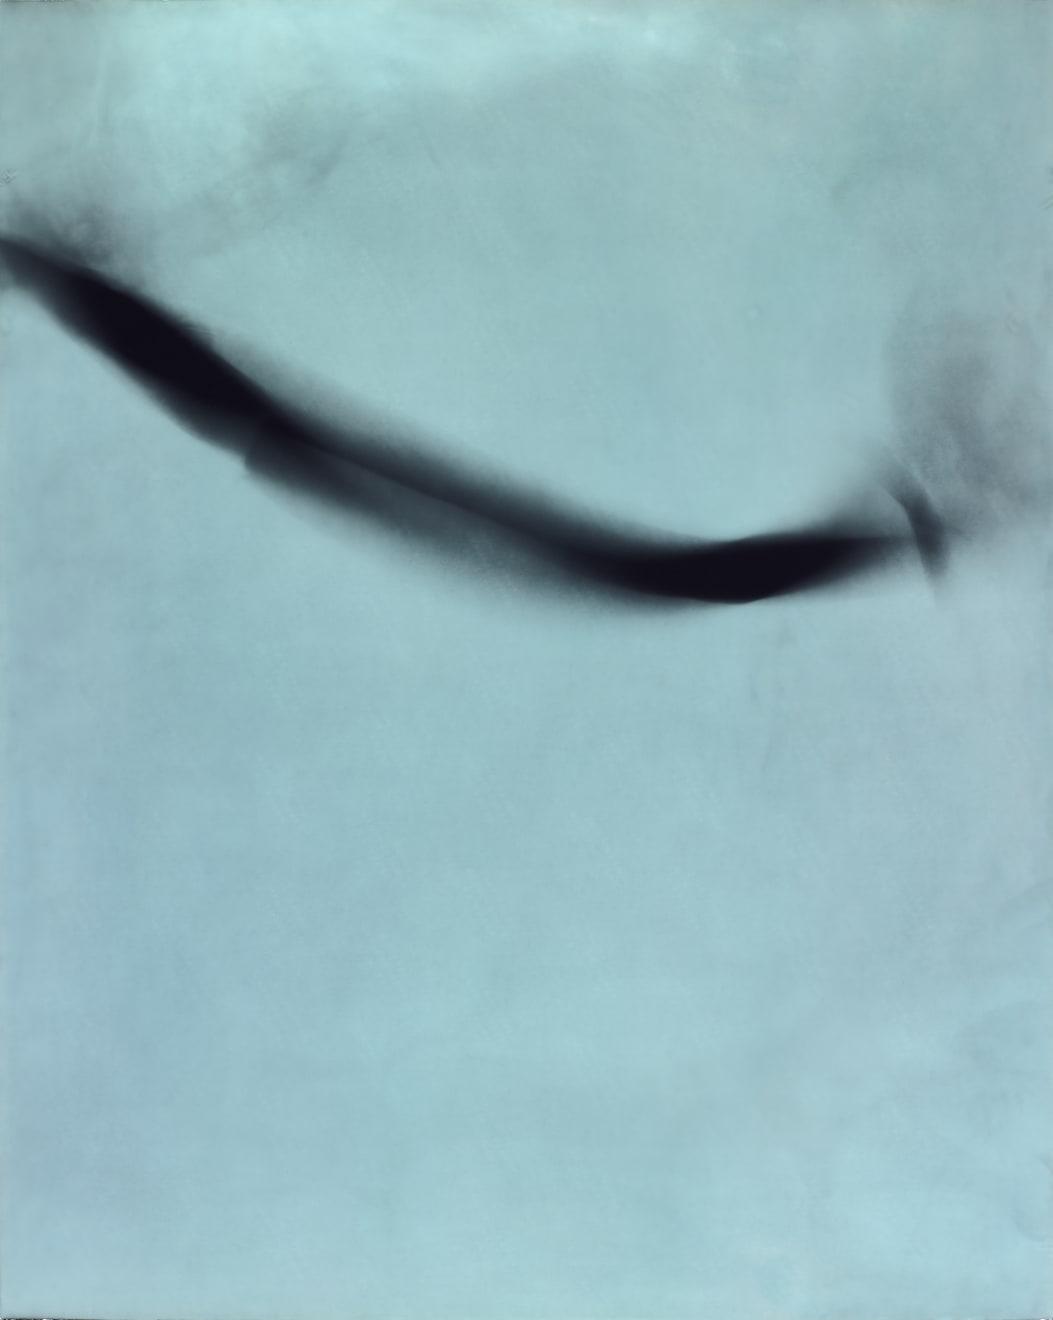 Kunié Sugiura, Eel Vertical P3, 1996